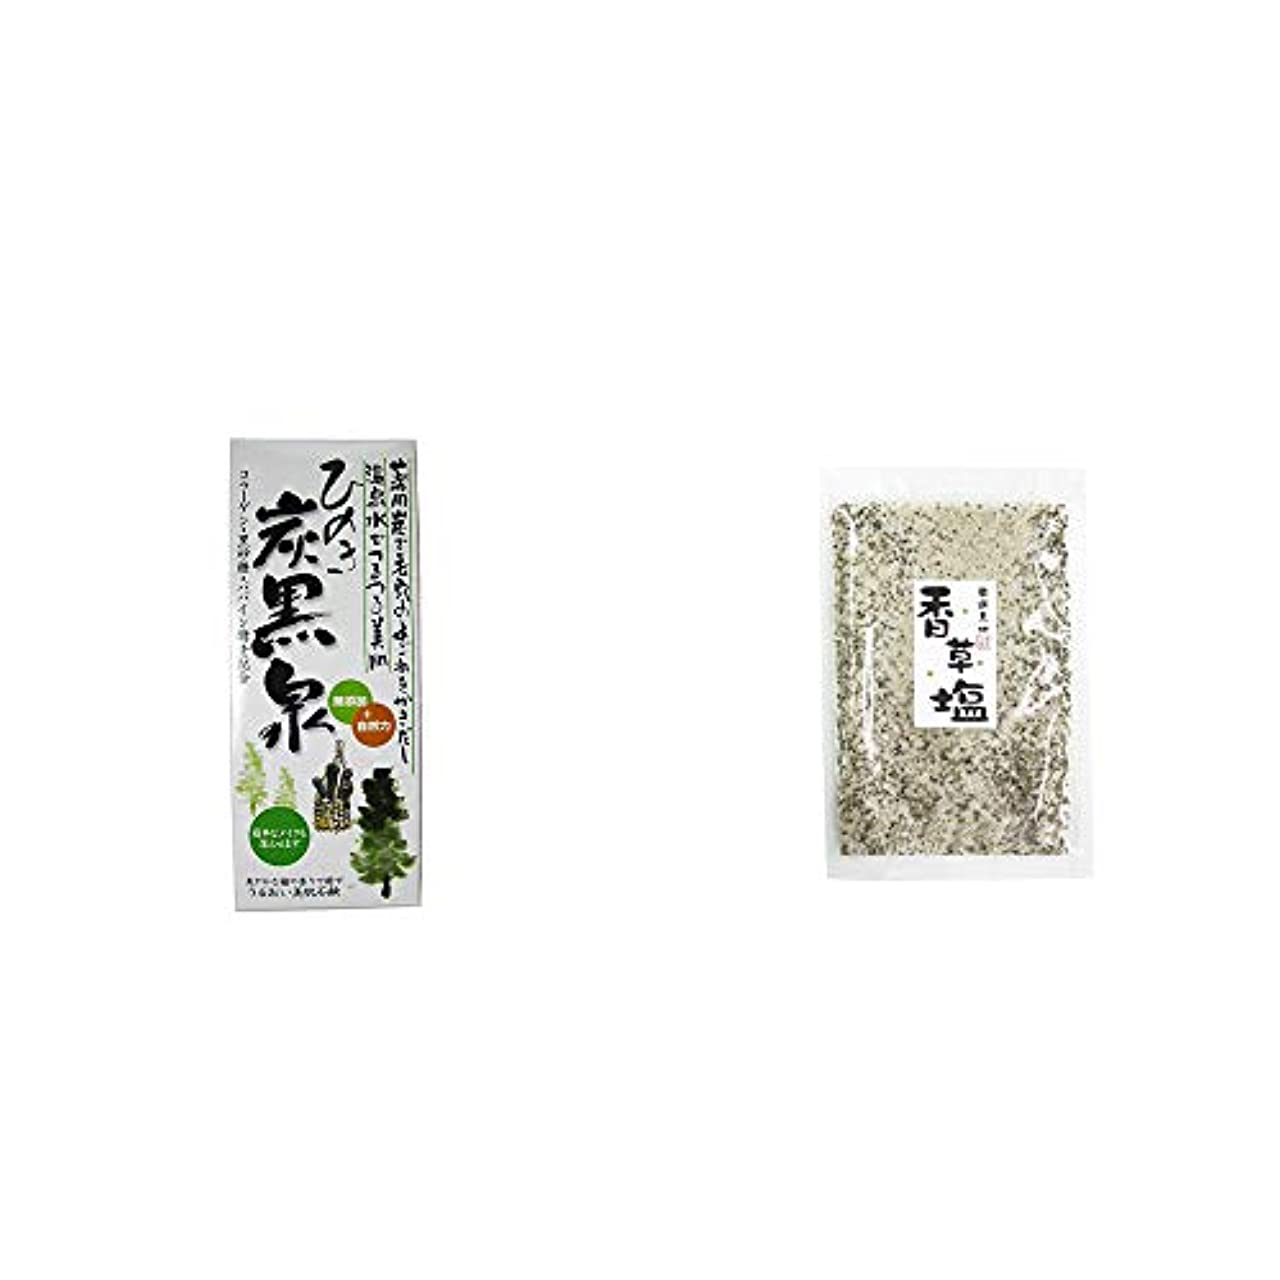 いらいらするヘルパー韓国語[2点セット] ひのき炭黒泉 箱入り(75g×3)?香草塩 [袋タイプ](100g)